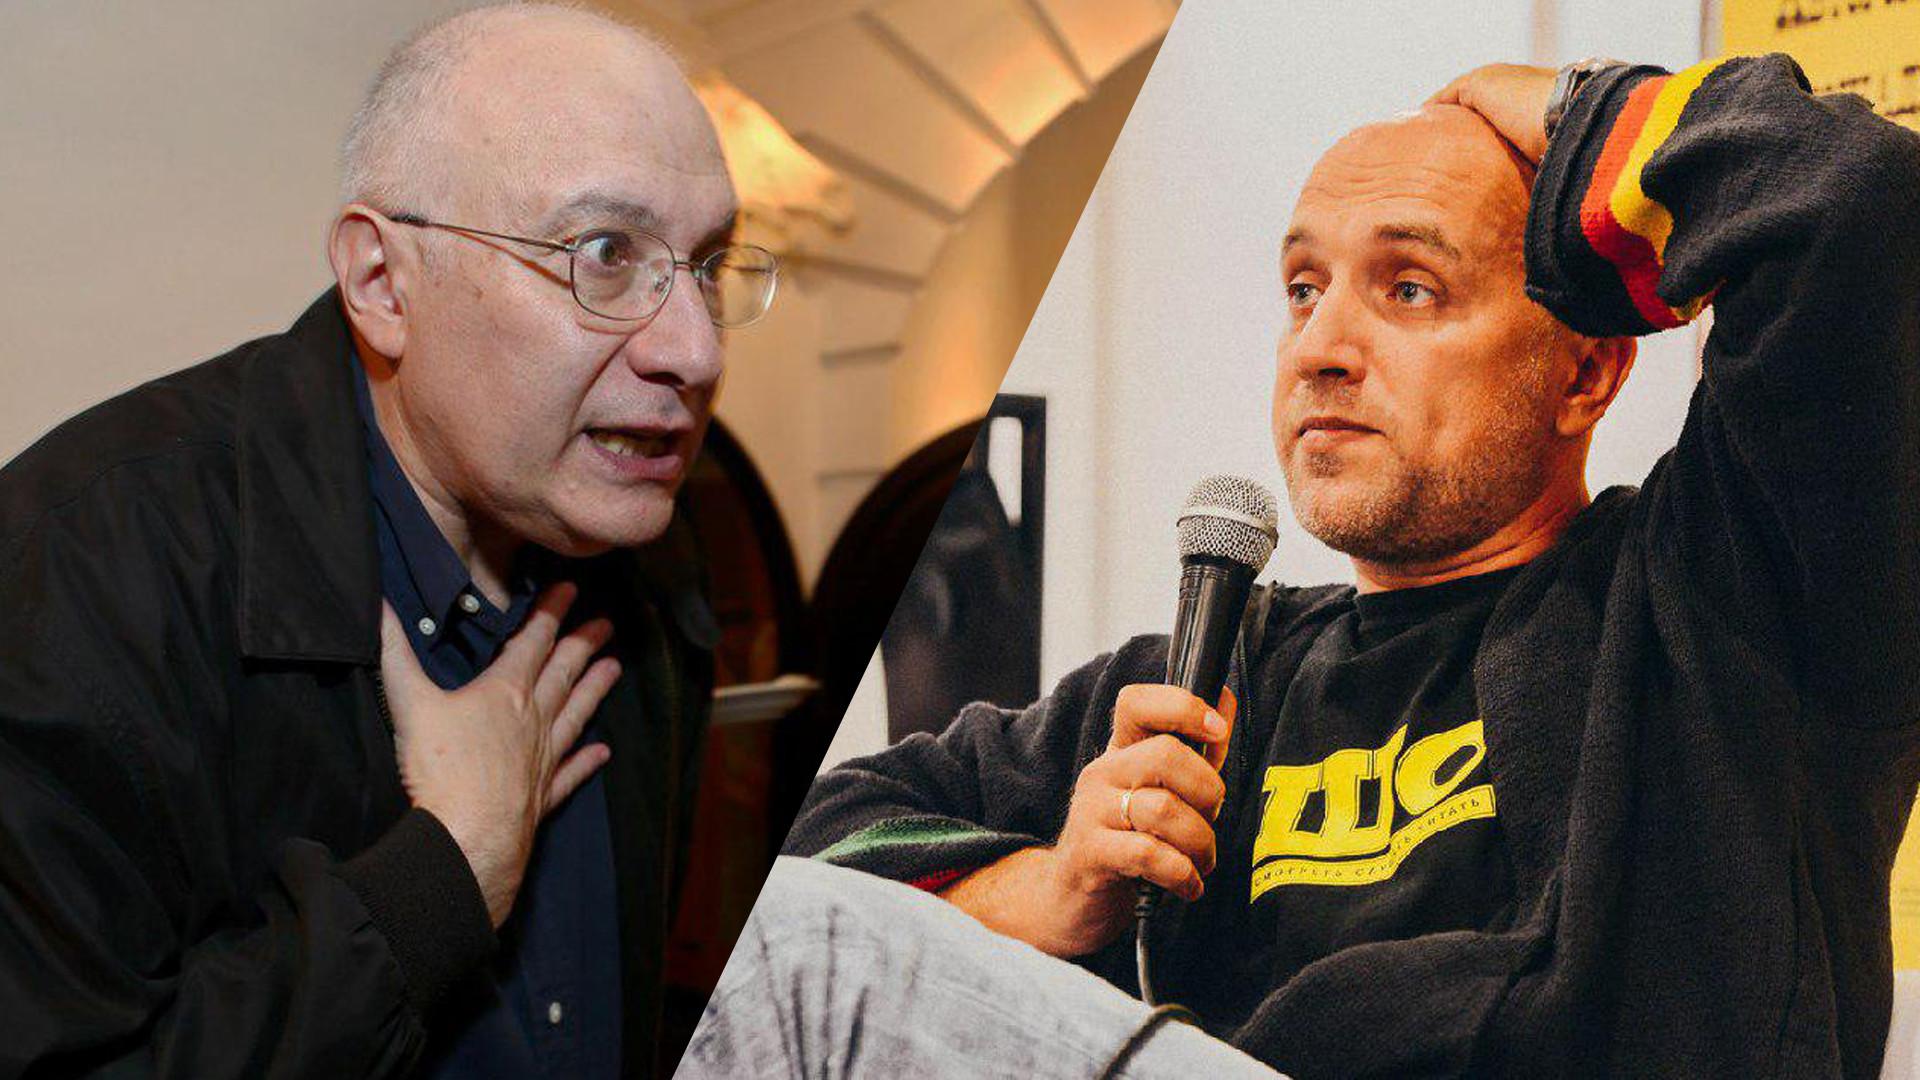 <p>Фото: &copy;РИА Новости/Валерий Левитин, &copy; L!FE / Владимир Суворов</p>